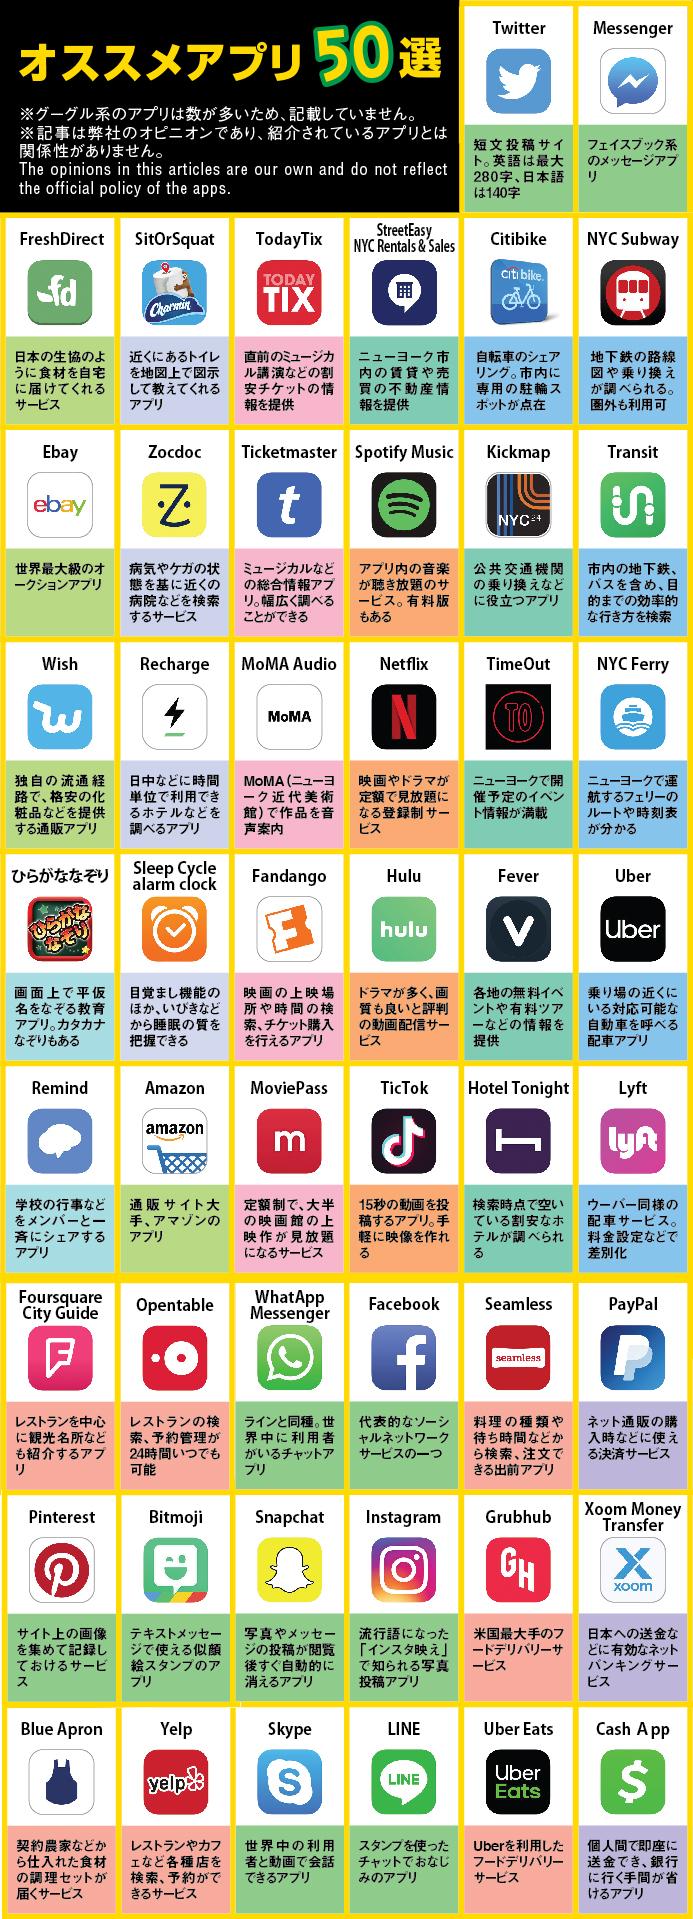 988-app-5